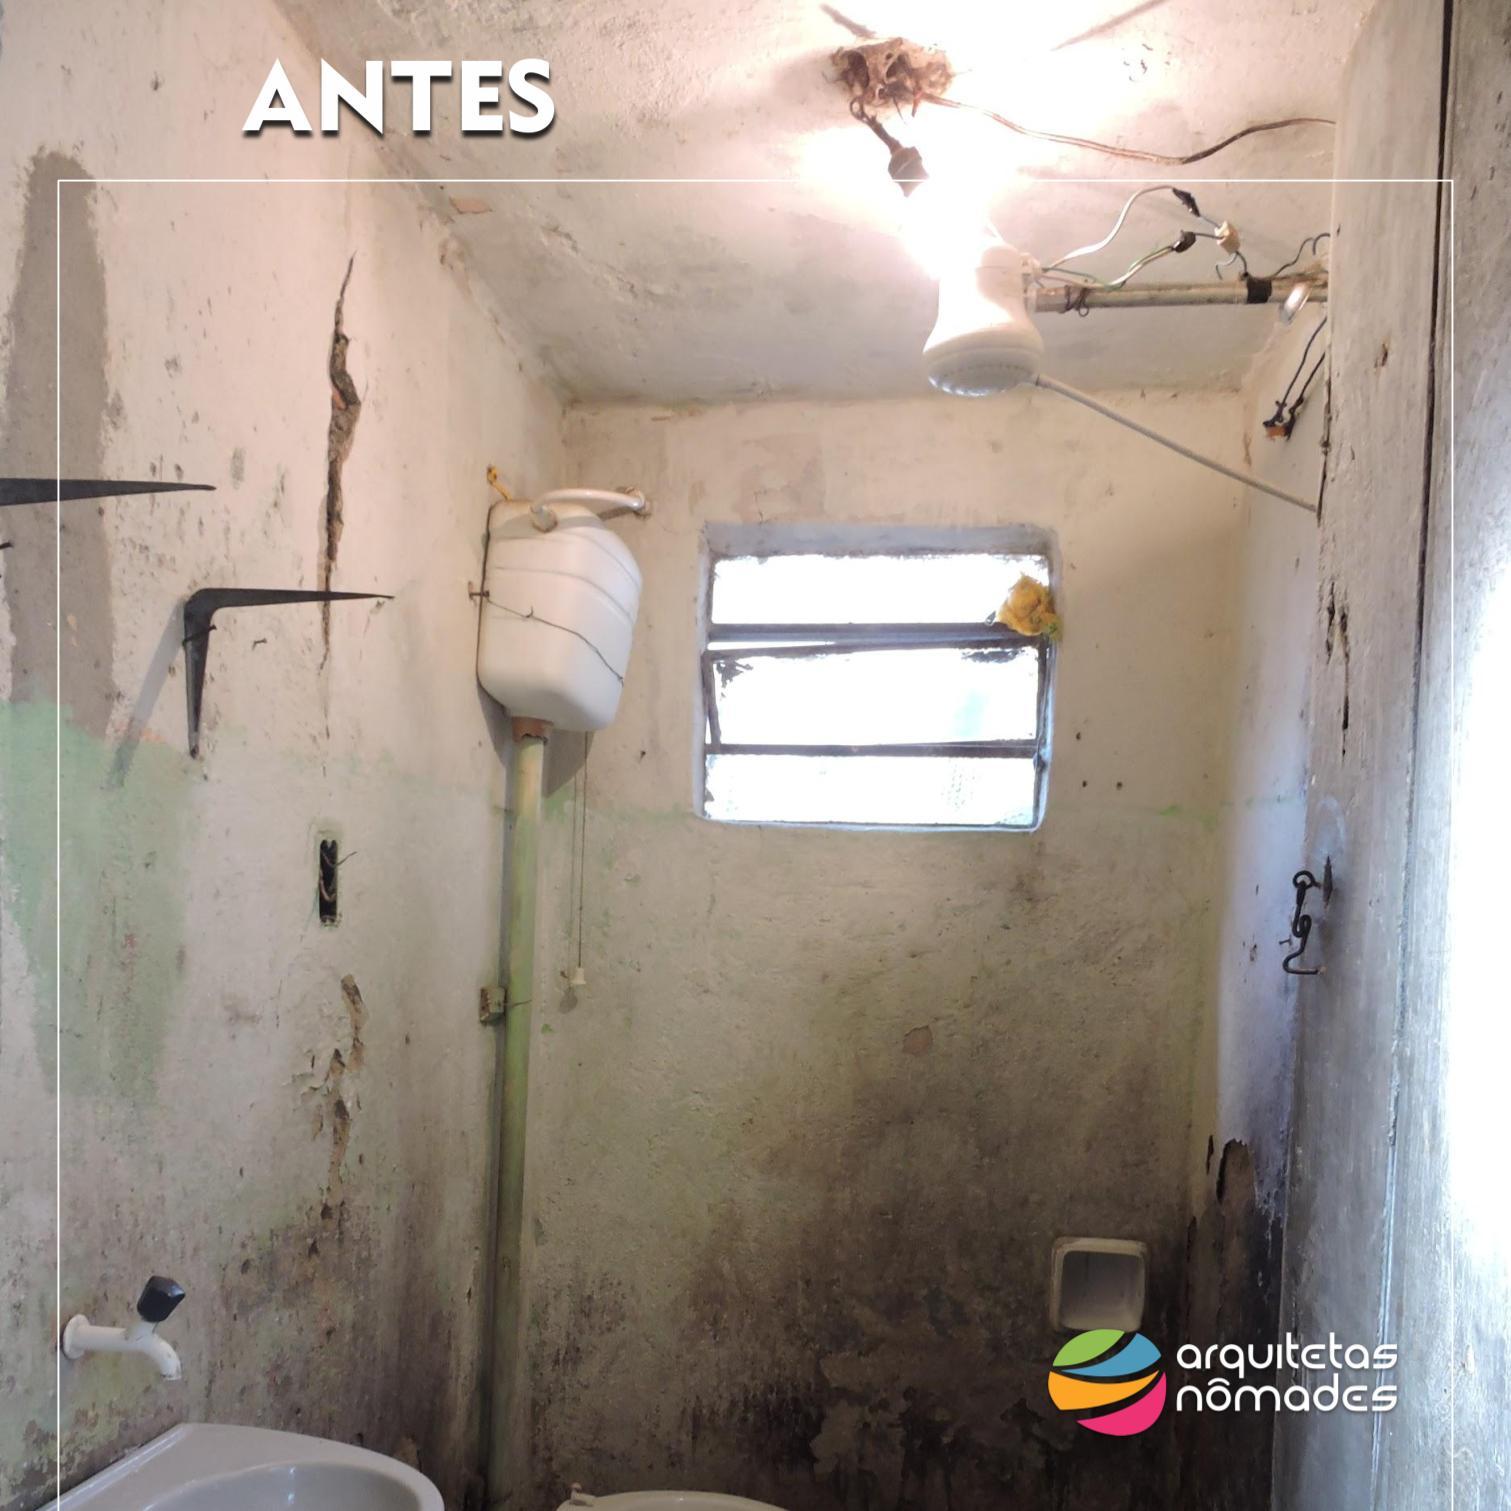 ANTES-1 – Vanir